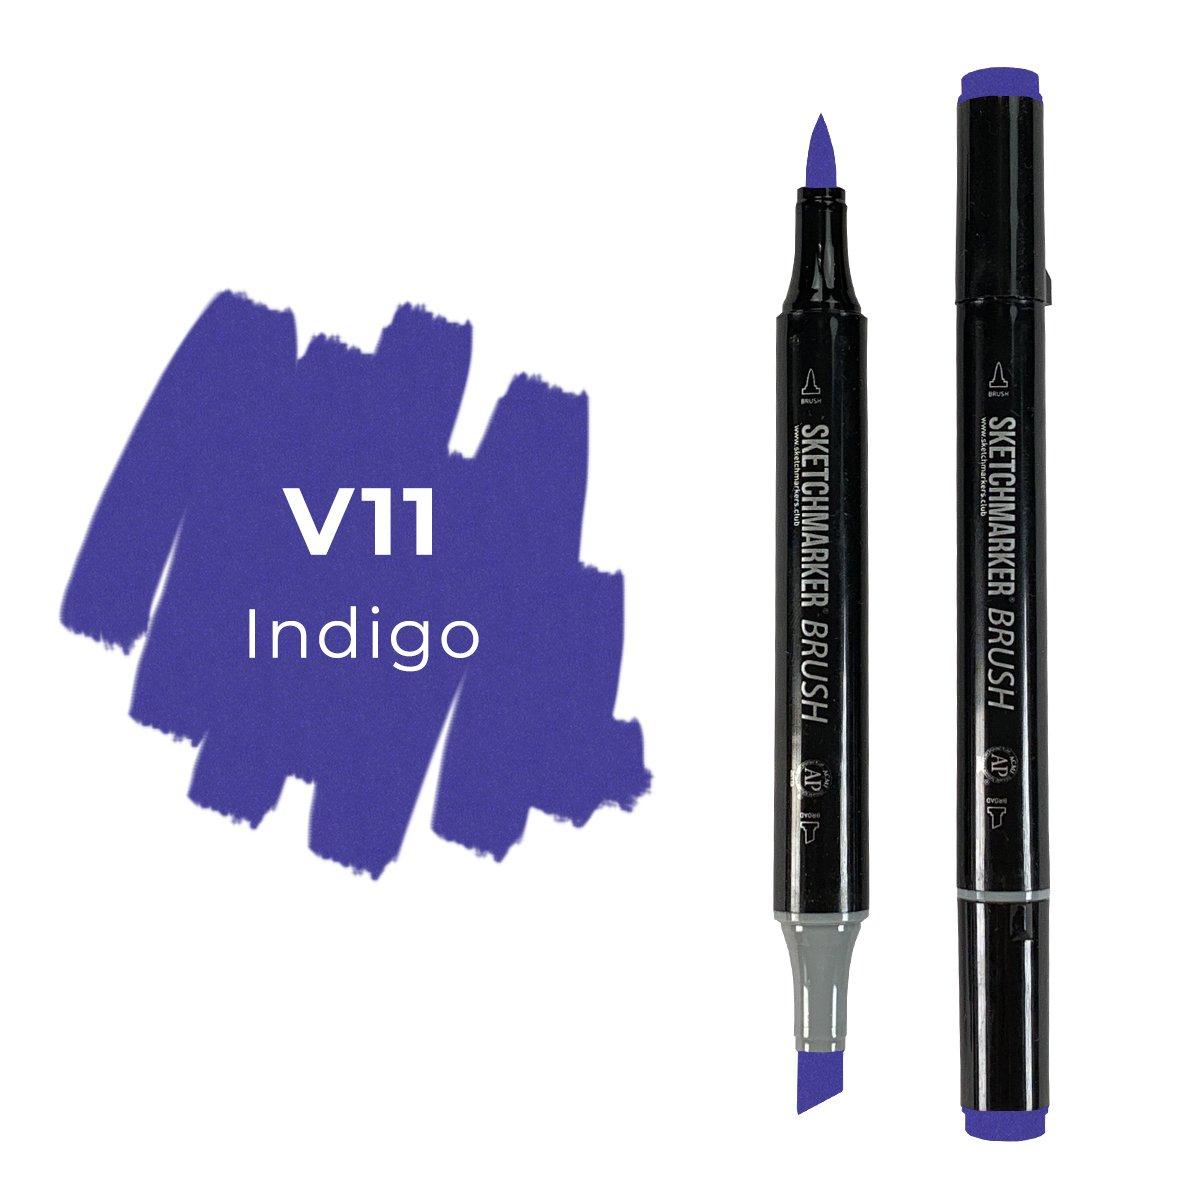 SKETCHMARKER BRUSH PRO Color: Indigo